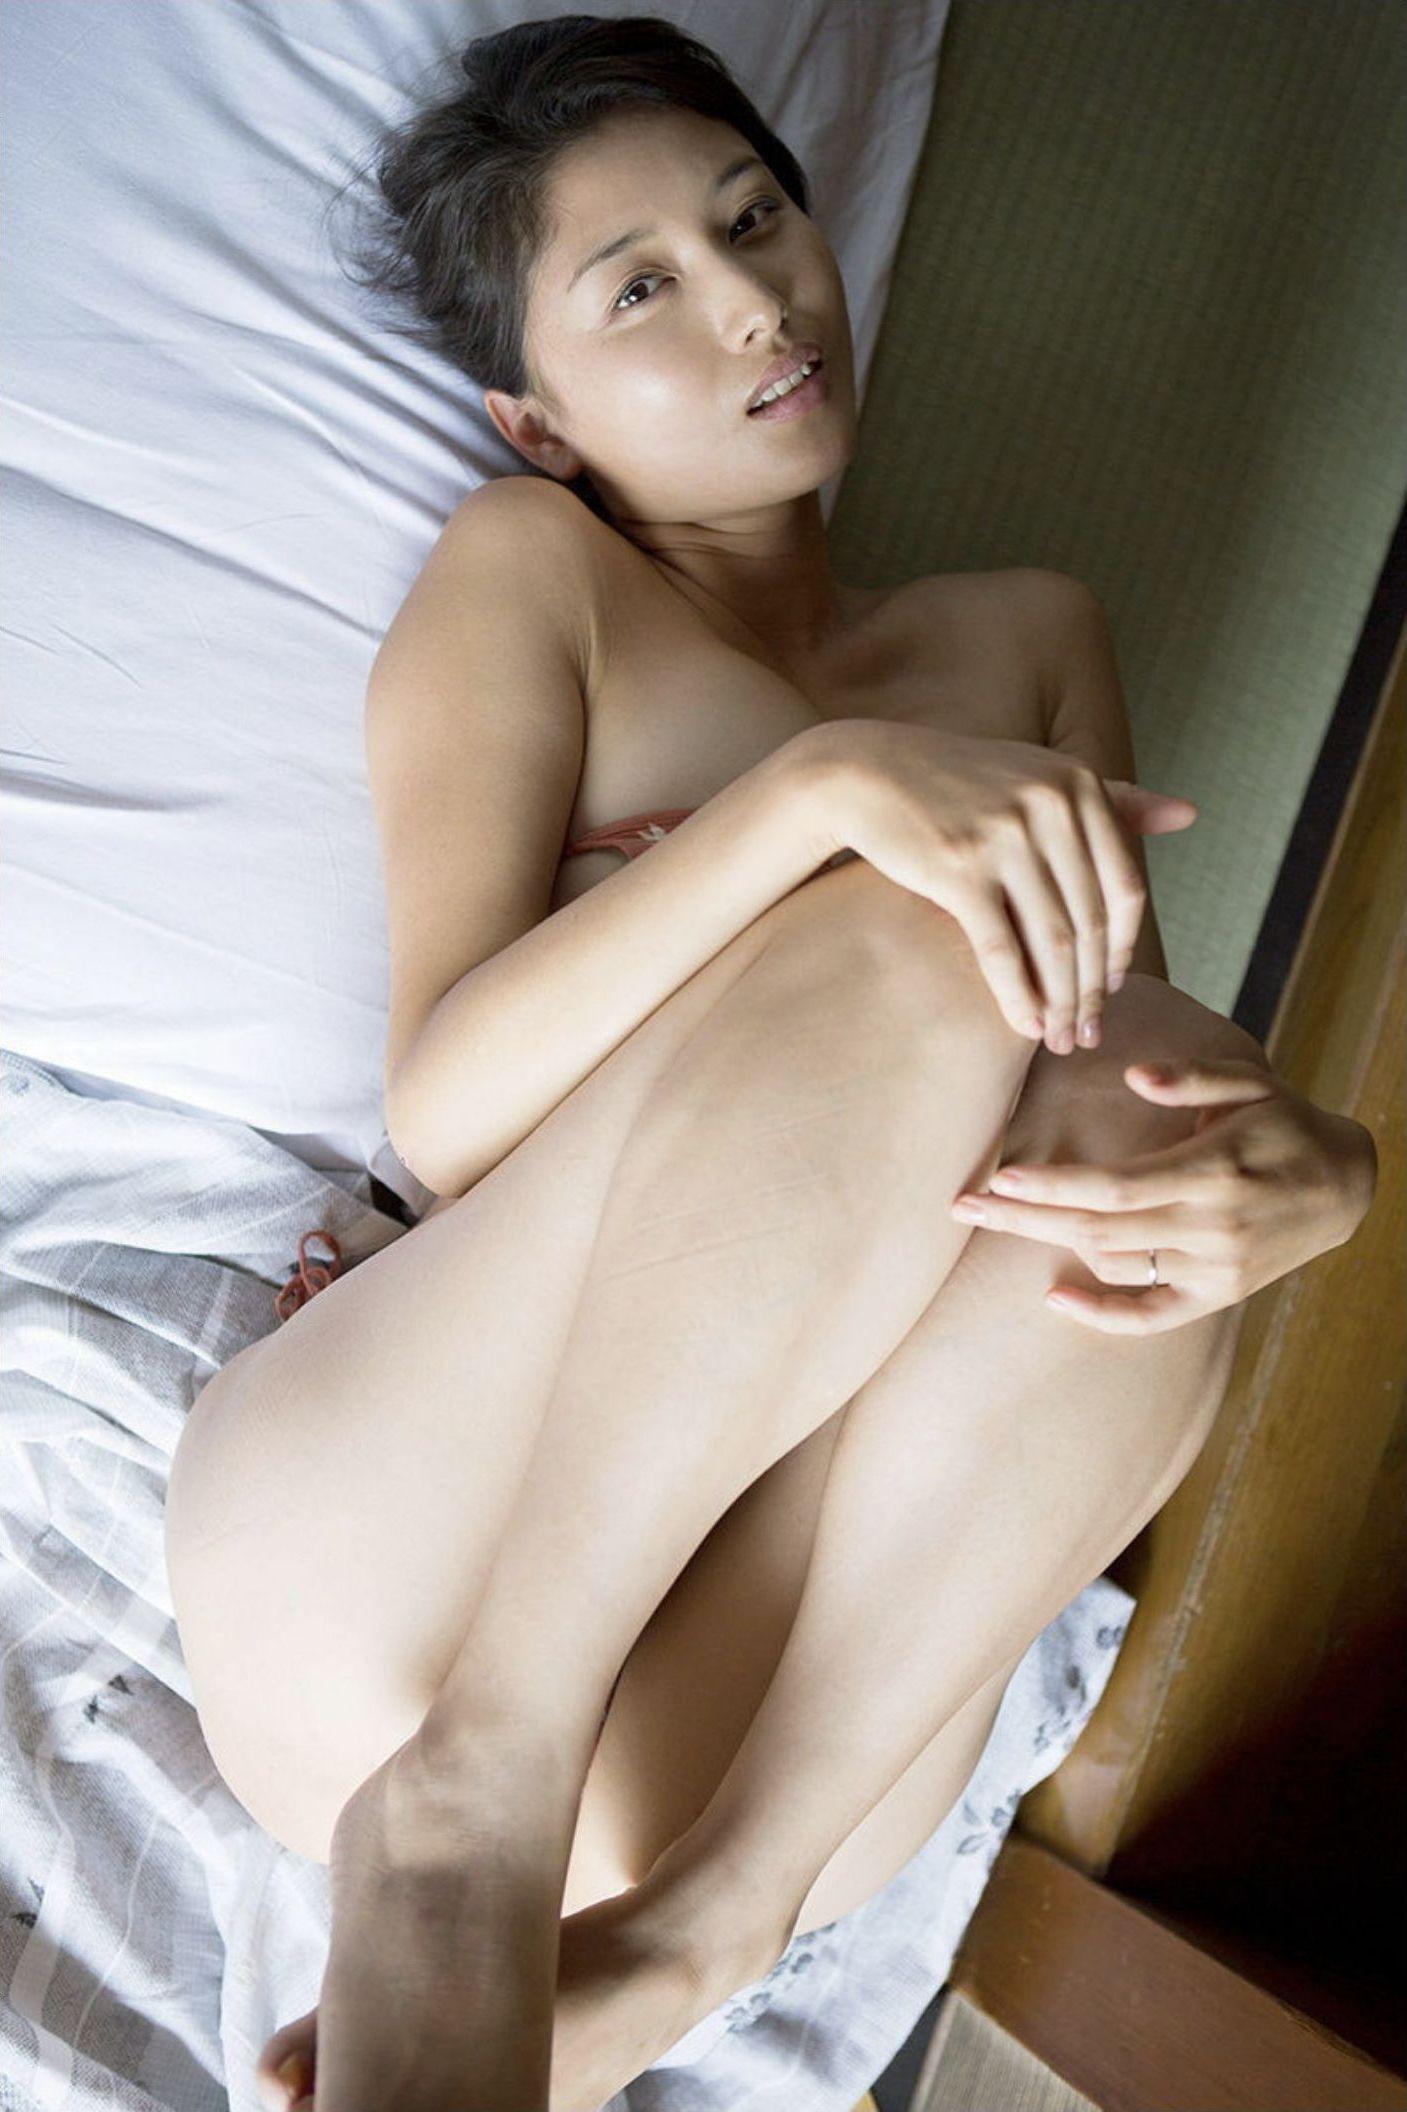 『愛の記憶』橋本マナミ デジタル写真集 021